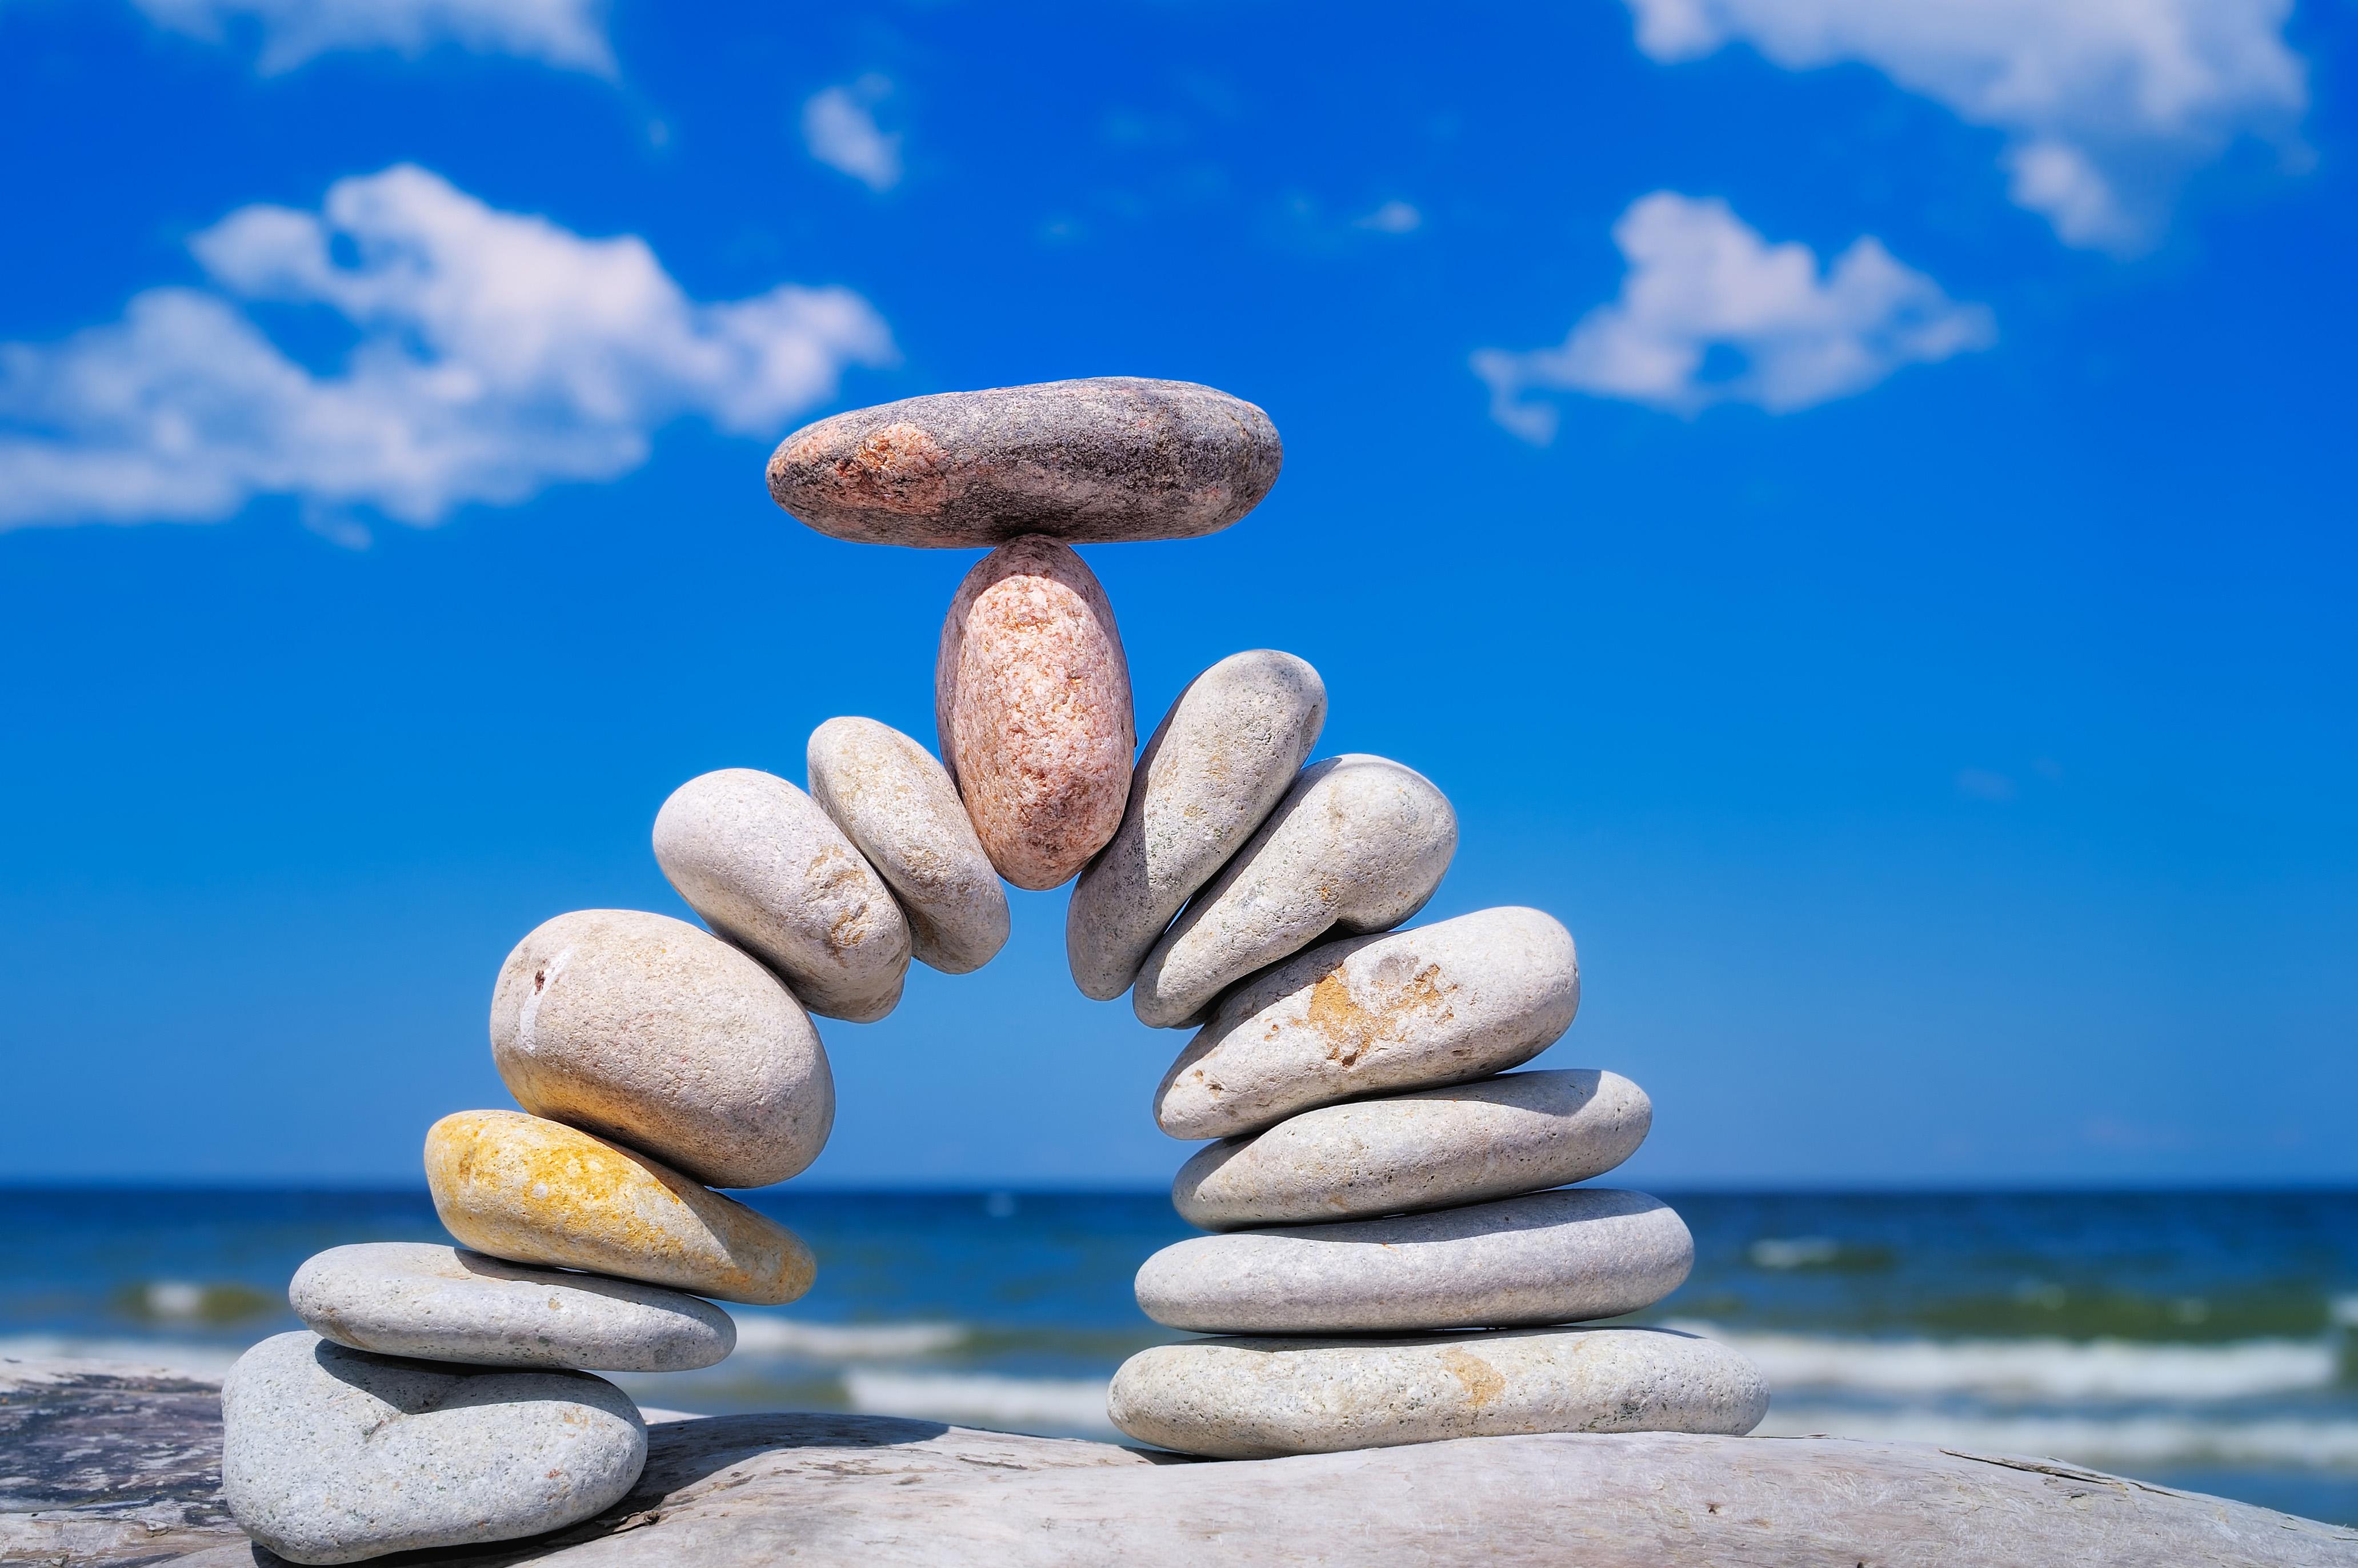 природа песок камень бесплатно